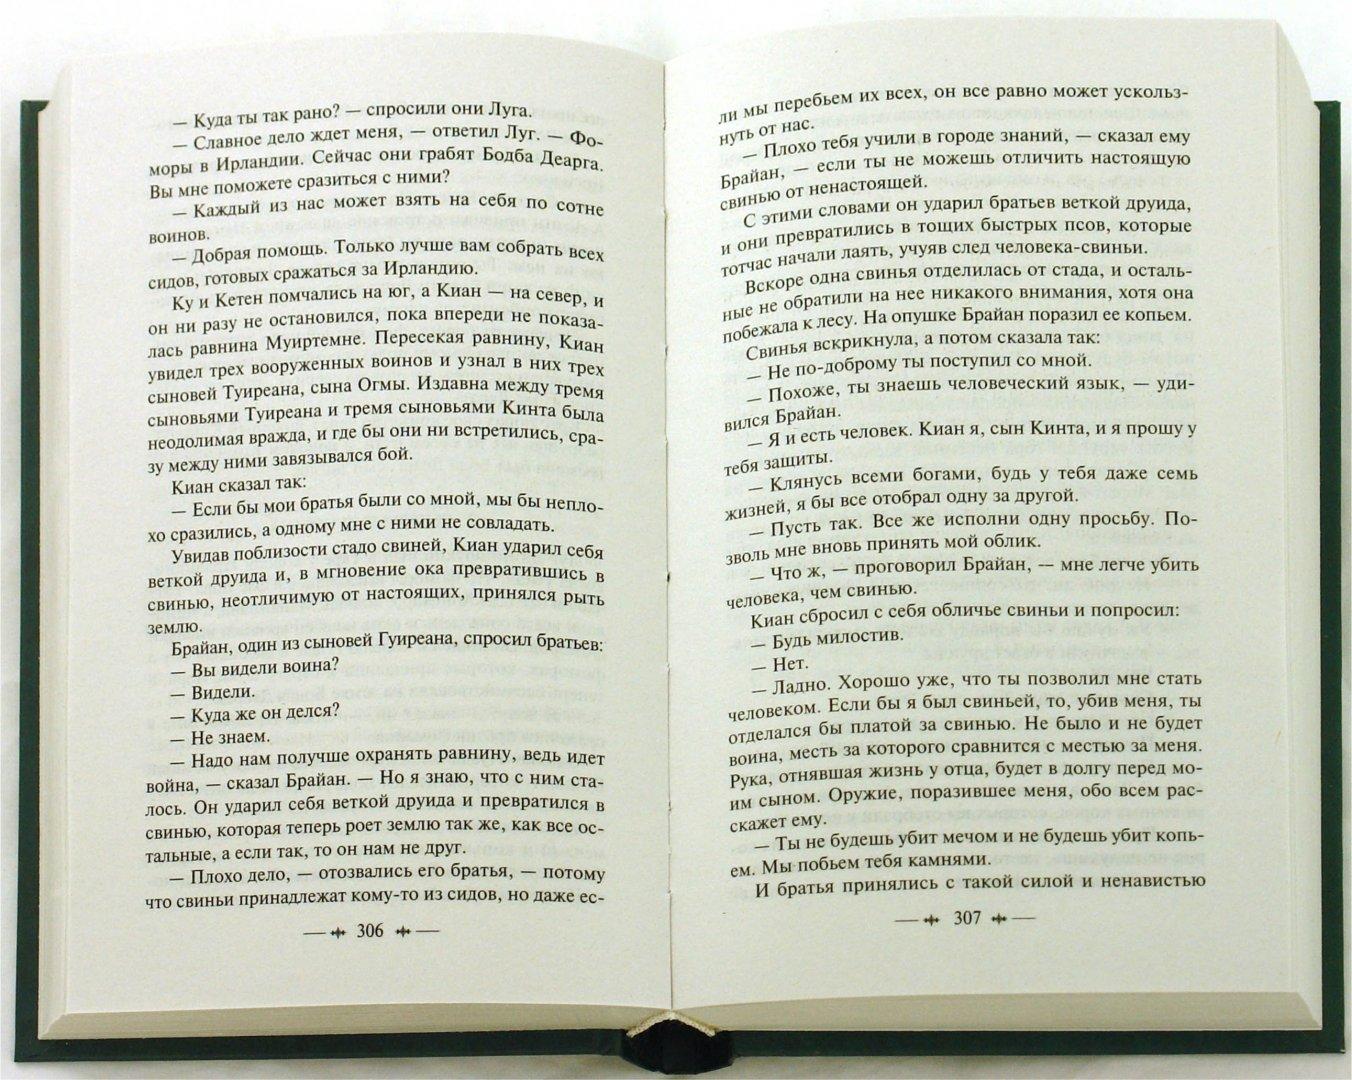 Иллюстрация 1 из 11 для Кельтские мифы: Валлийские сказания, Ирландские сказания | Лабиринт - книги. Источник: Лабиринт